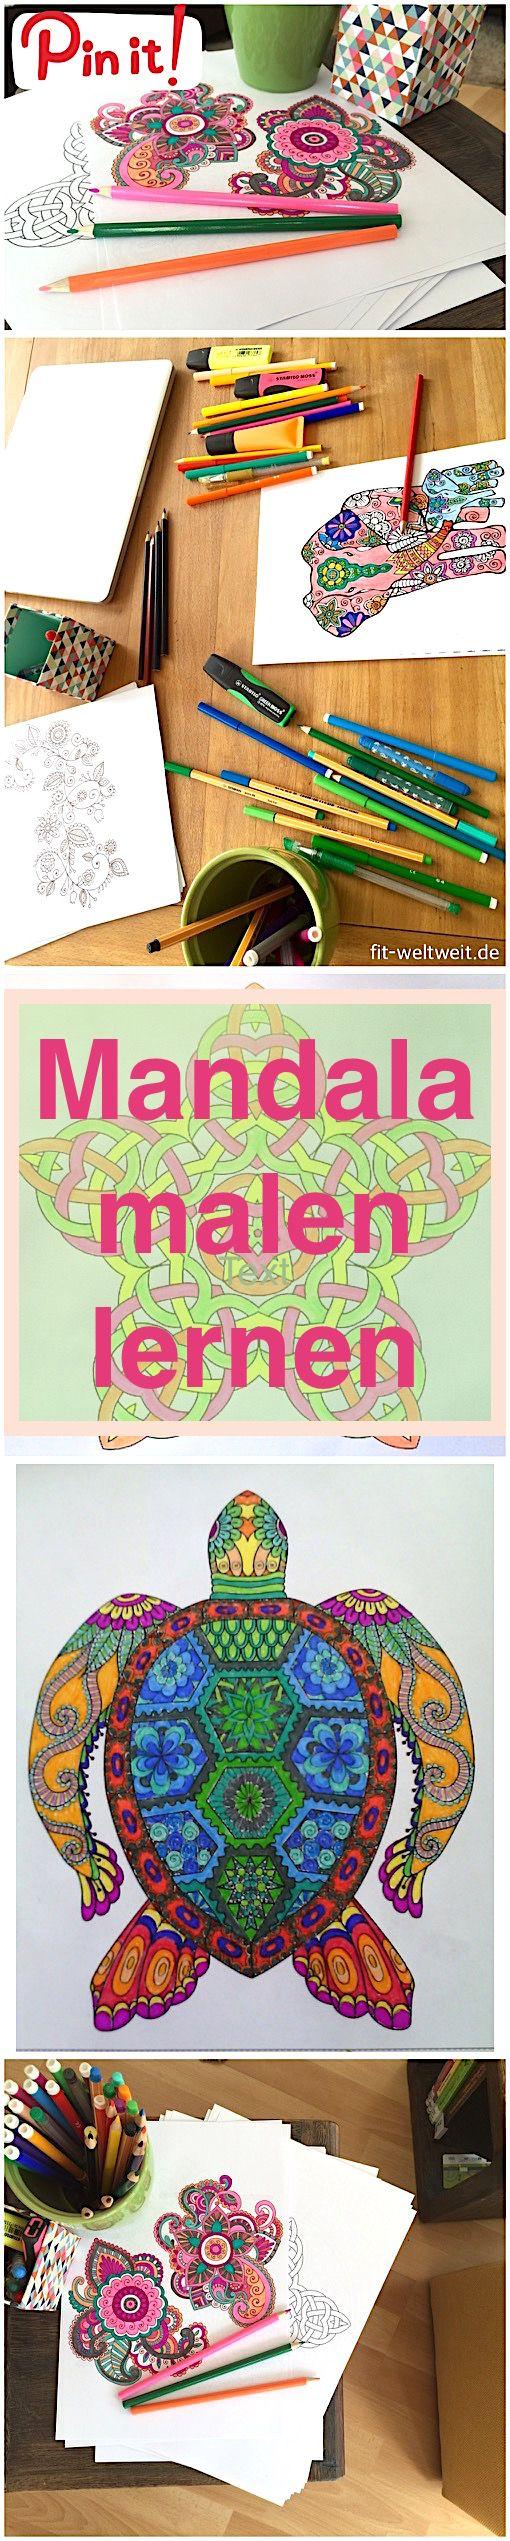 Entspannung: Mandala malen für Erwachsene mit Anleitung - fit-weltweit.de